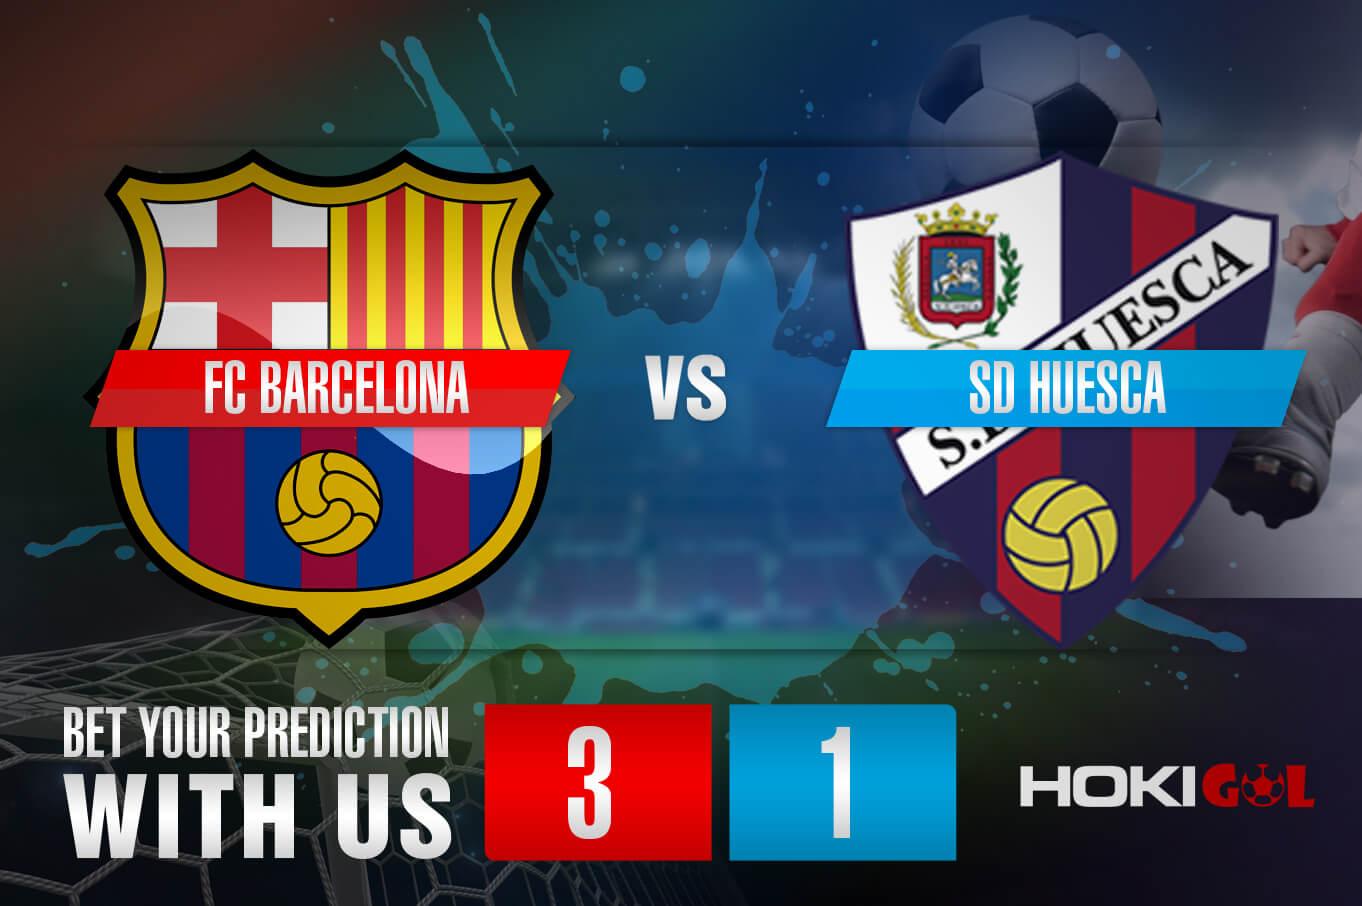 Prediksi Bola FC Barcelona Vs SD Huesca 16 Maret 2021